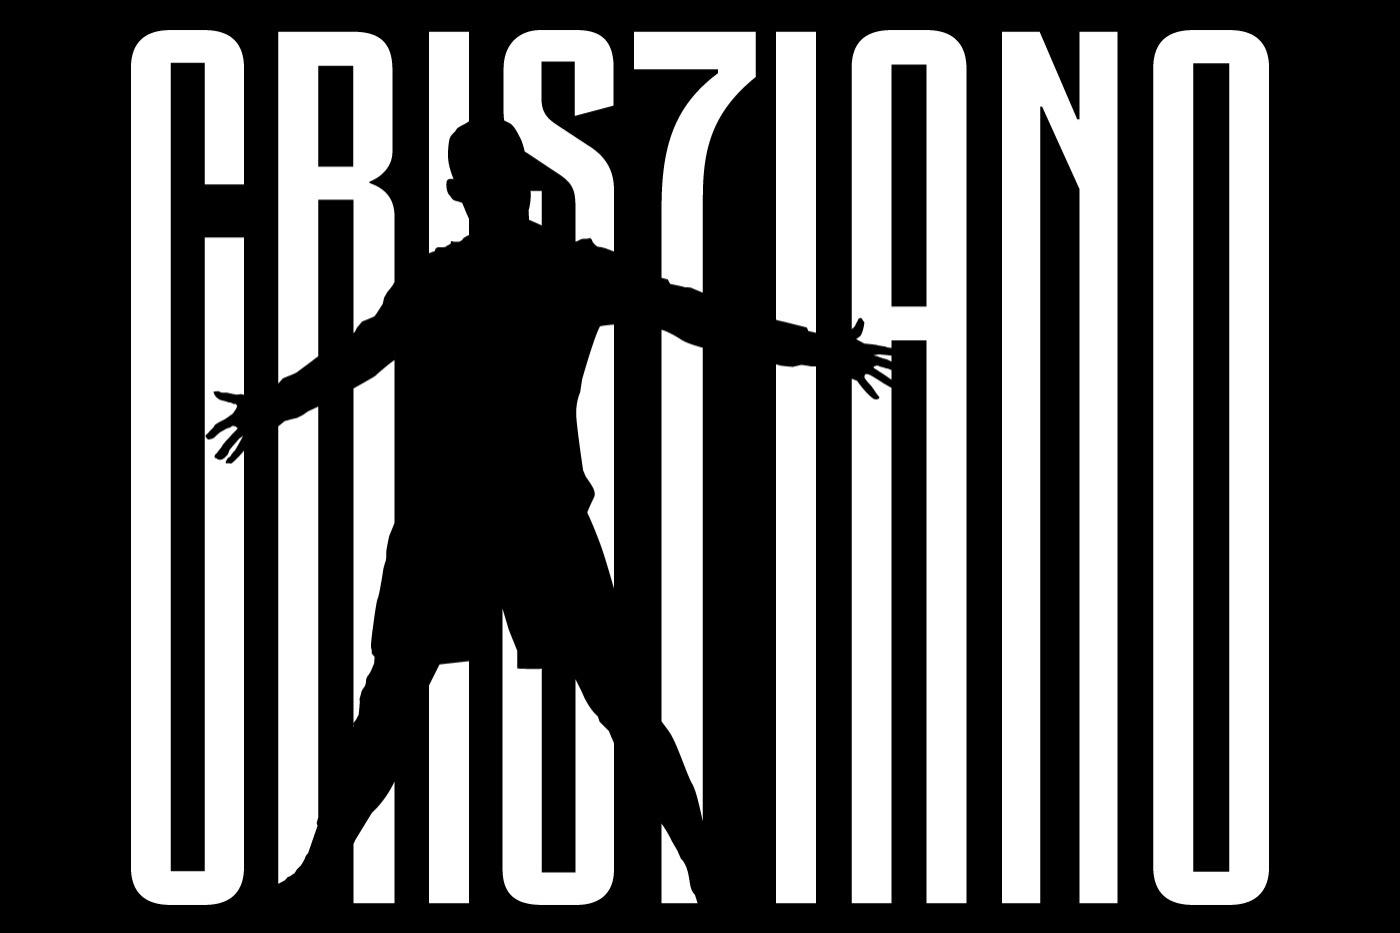 Juventus anuncia contratação de Cristiano Ronaldo